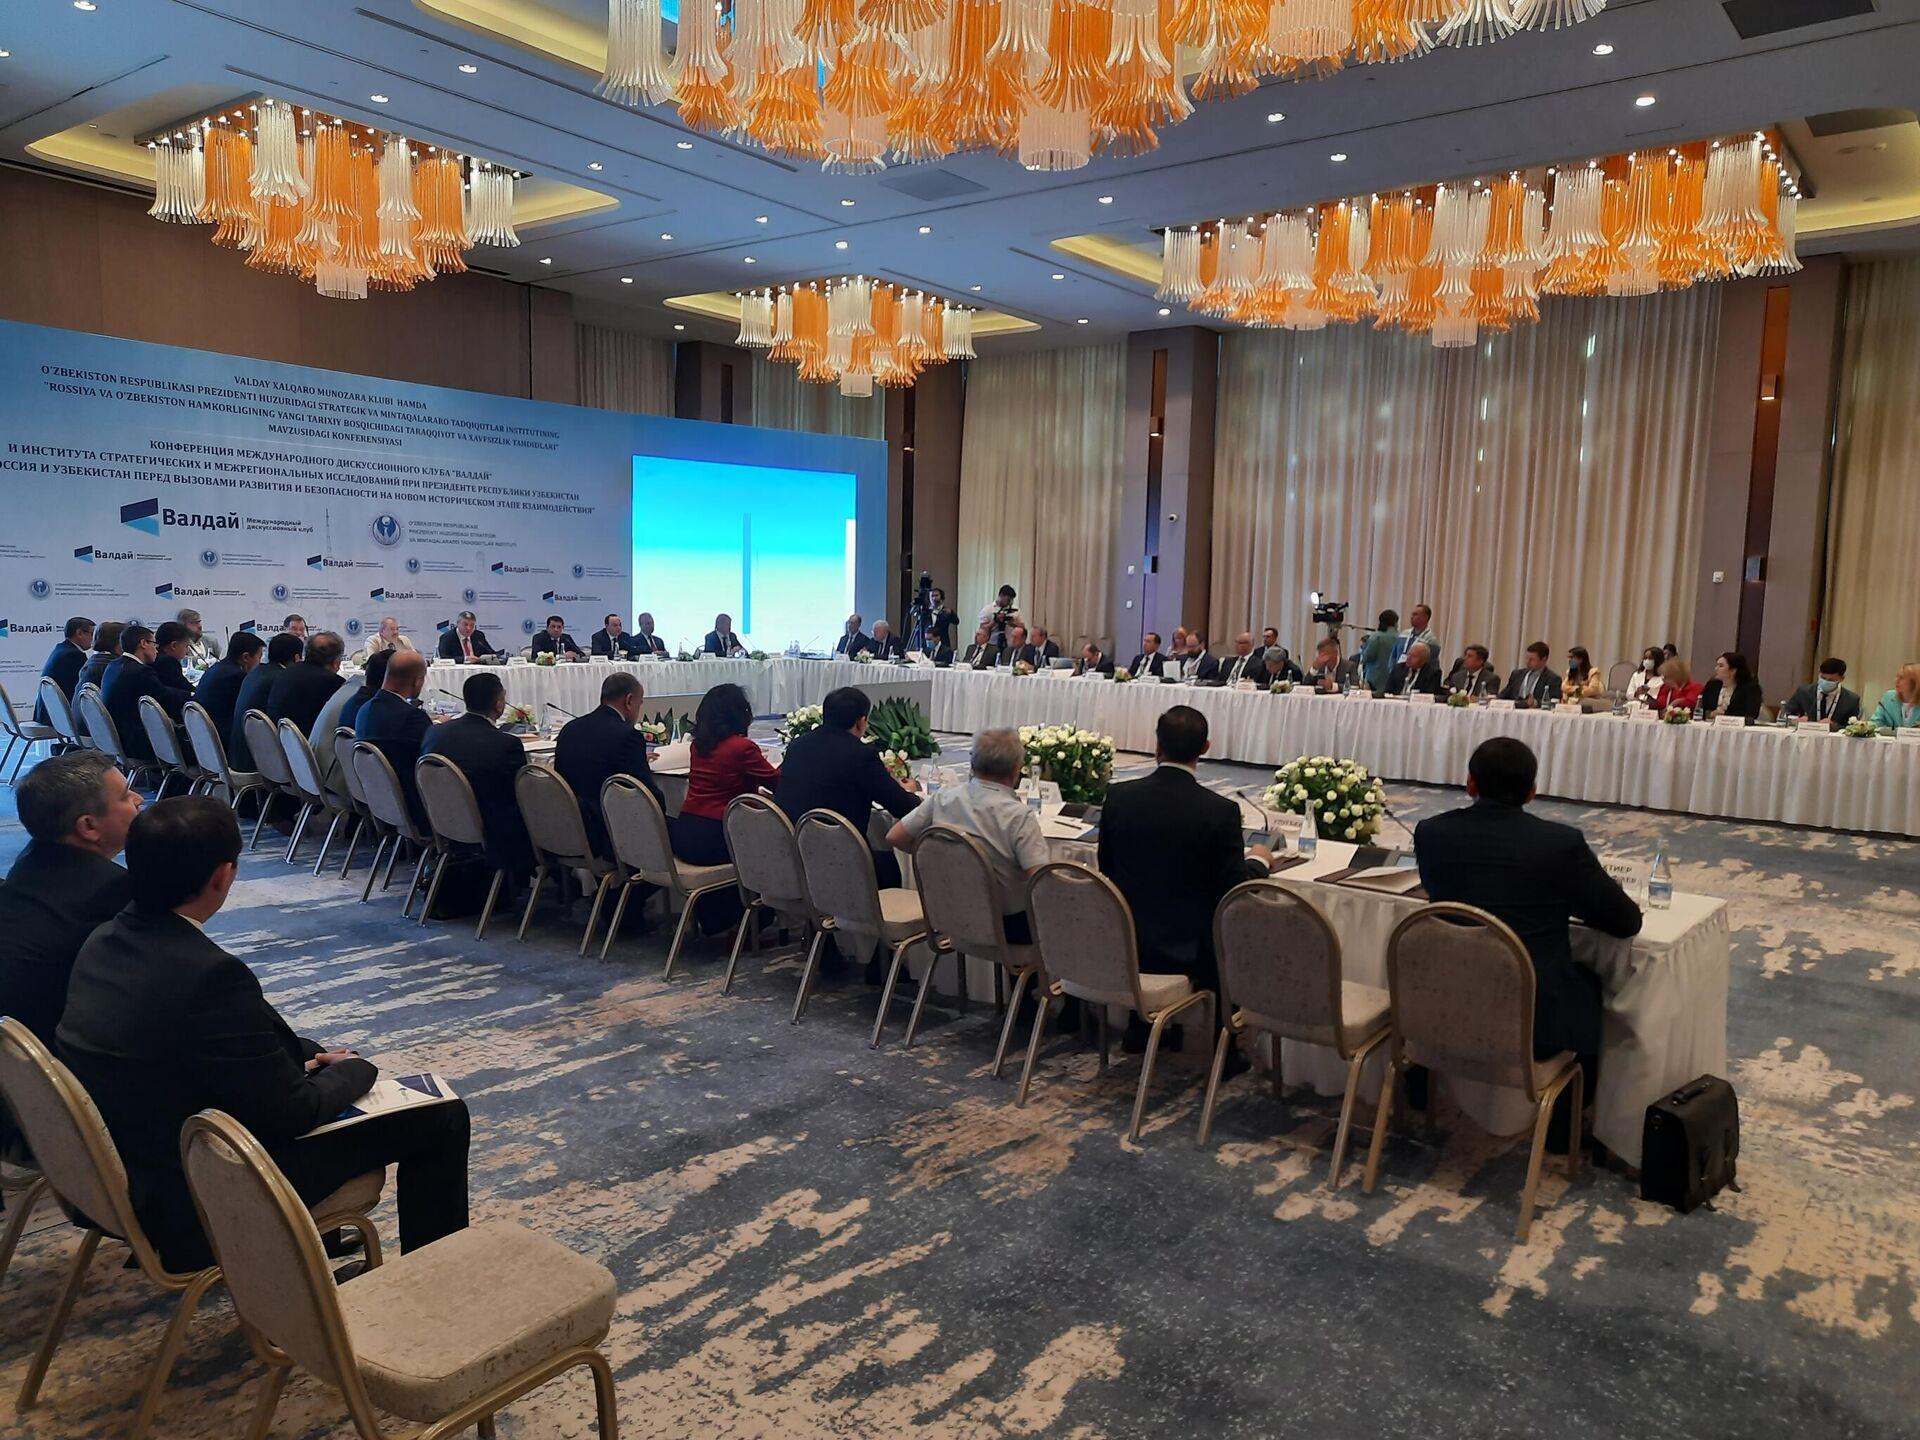 Конференция Валдайского клуба Россия и Узбекистан перед вызовами развития и безопасности на новом историческом этапе взаимодействия в Ташкенте - Sputnik Узбекистан, 1920, 20.09.2021